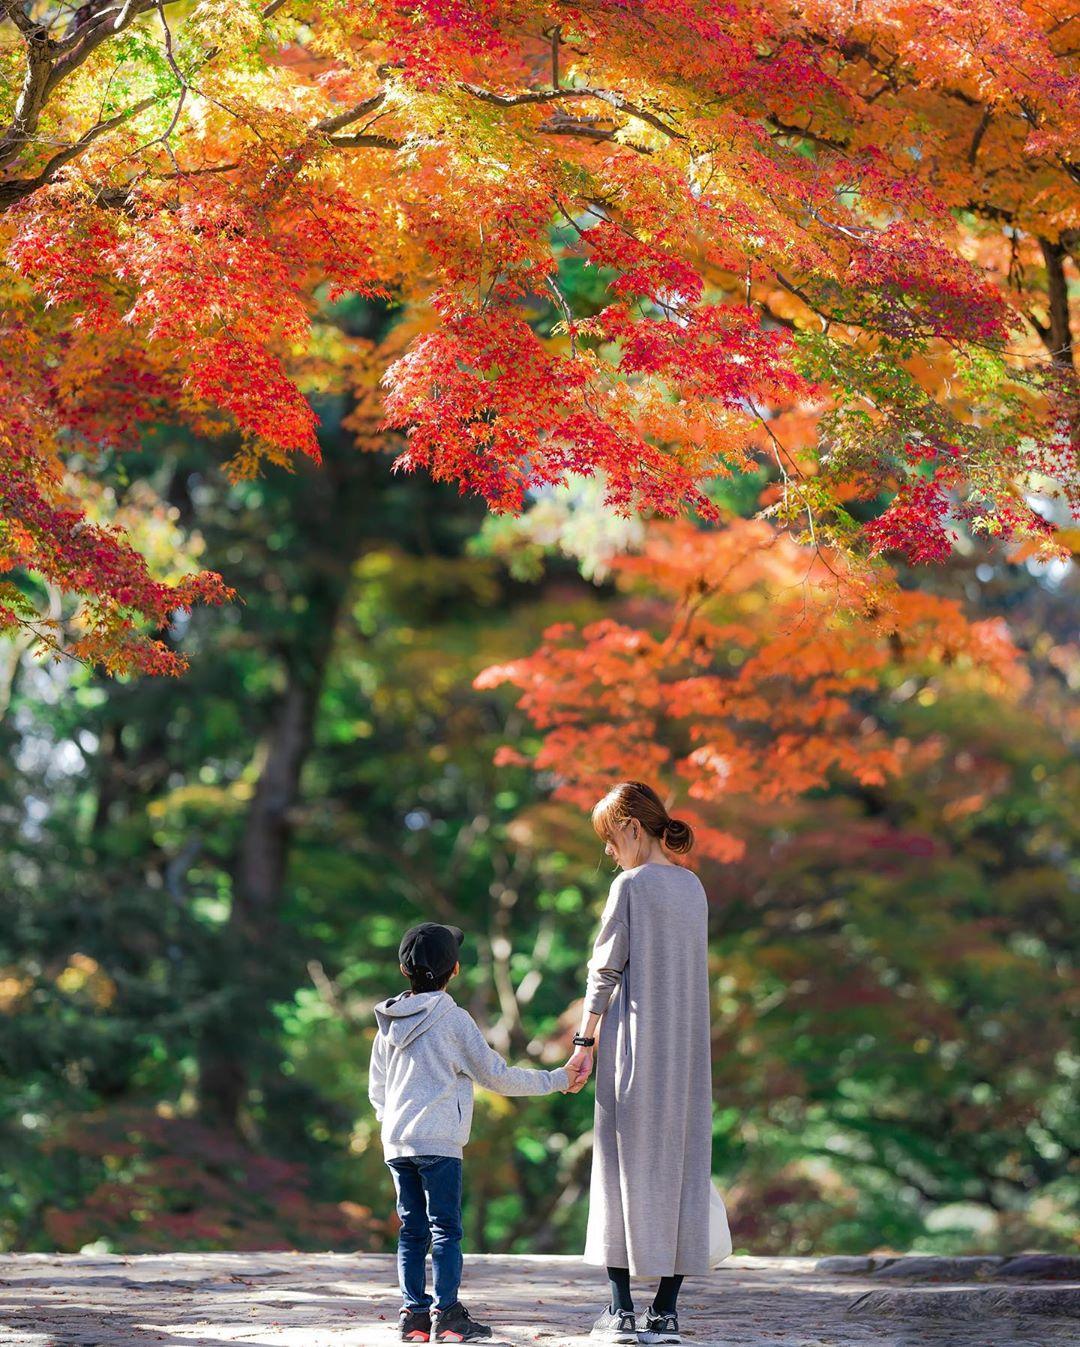 """Có một nước Nhật đẹp đến nao lòng qua ống kính của ông bố trẻ """"mê"""" chụp ảnh vợ và con trai, ai xem xong cũng """"tan chảy"""" - Ảnh 5."""